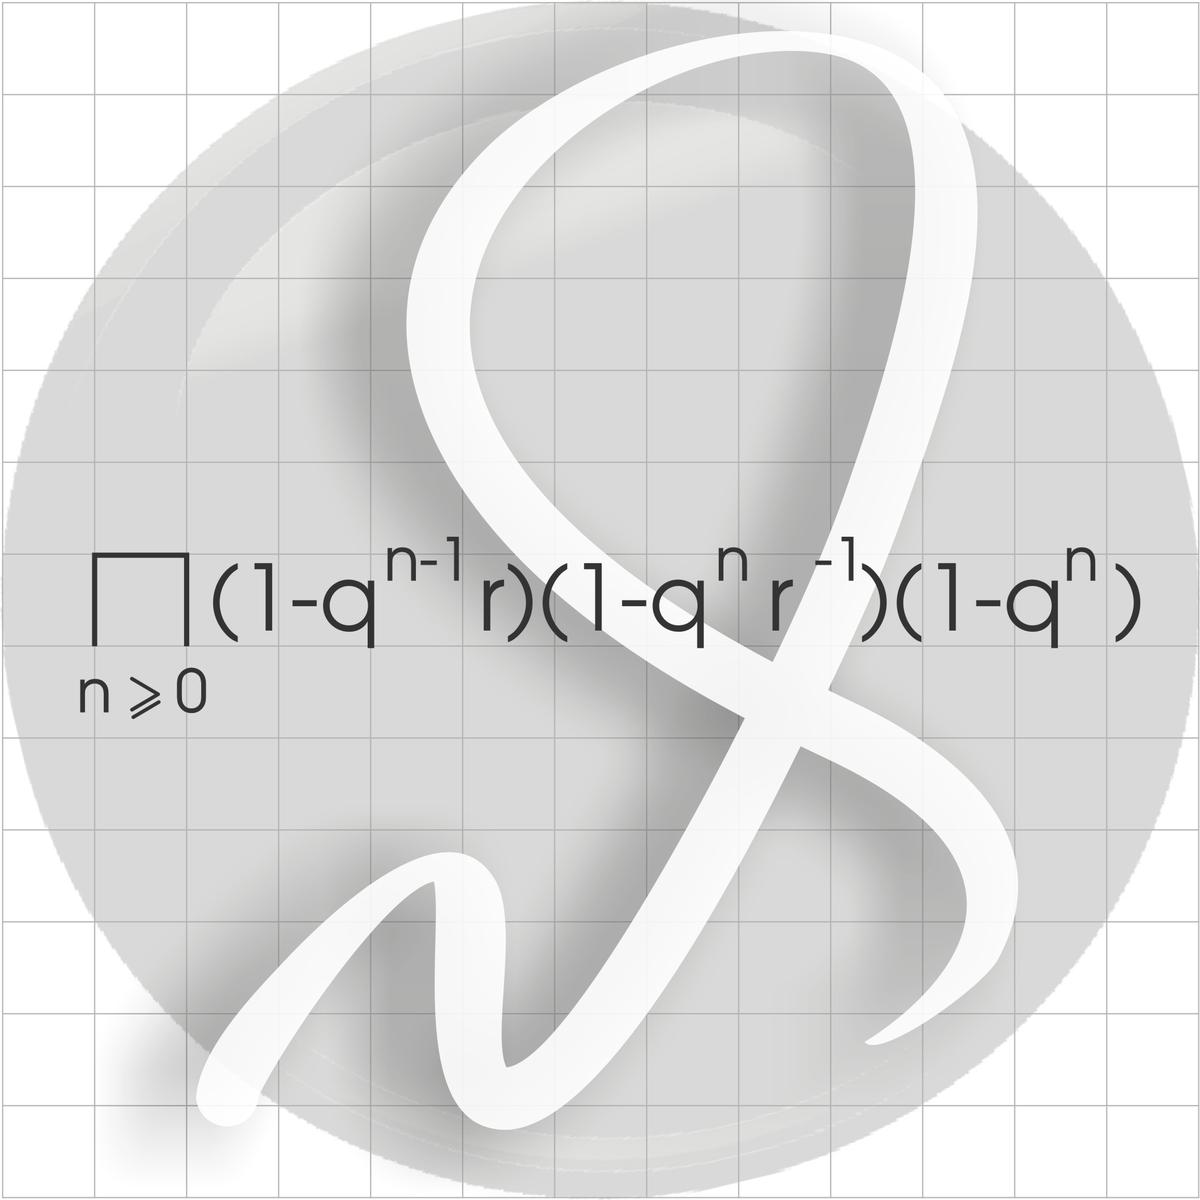 Jacobi modular forms: 30 ans après course image